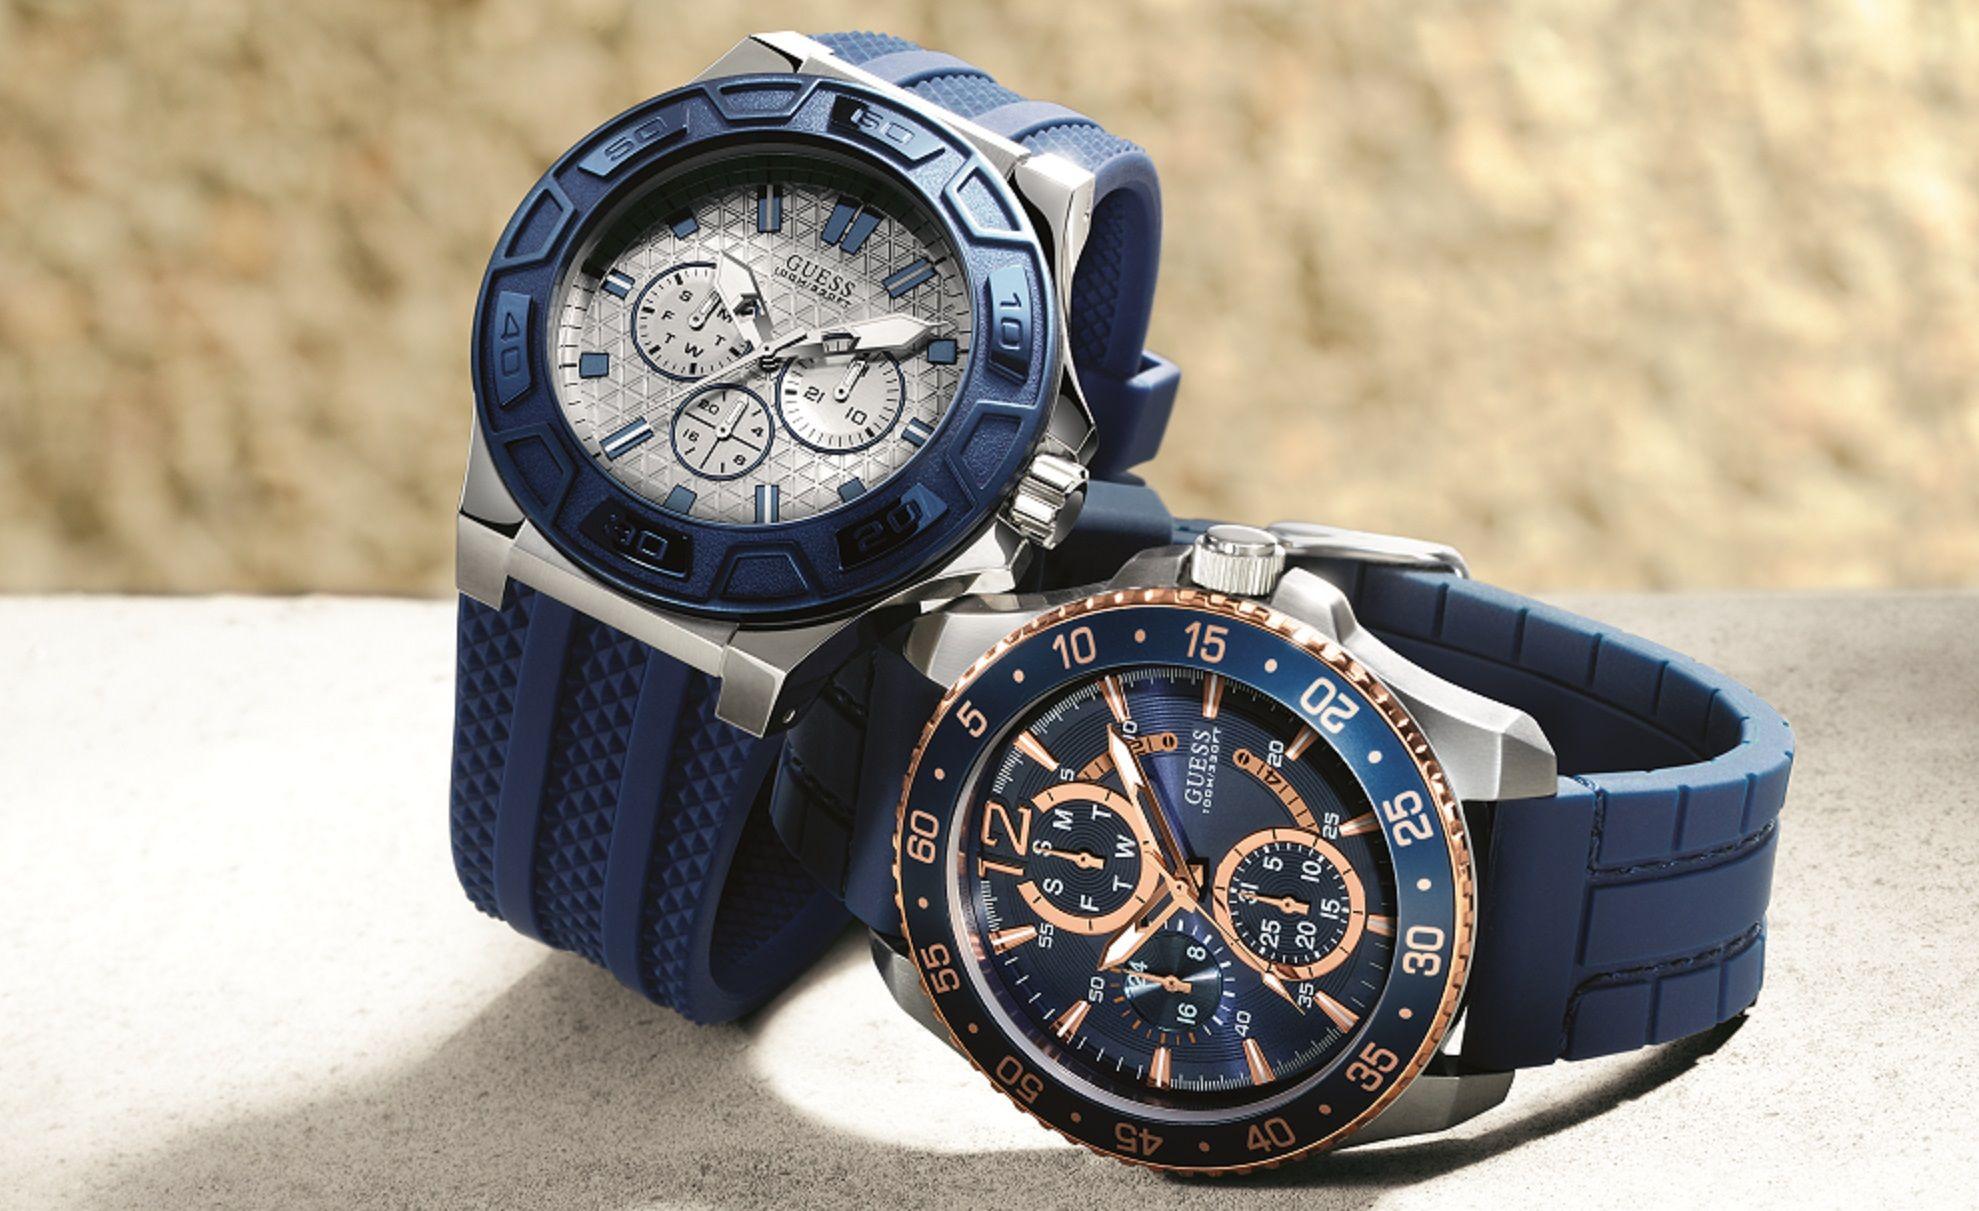 9b68789b Acest tip de ceas poate fi potrivit pentru tine in cazul in care esti o  persoana care face mult sport si isi doreste un ceas cu functii utile  pentru aceste ...